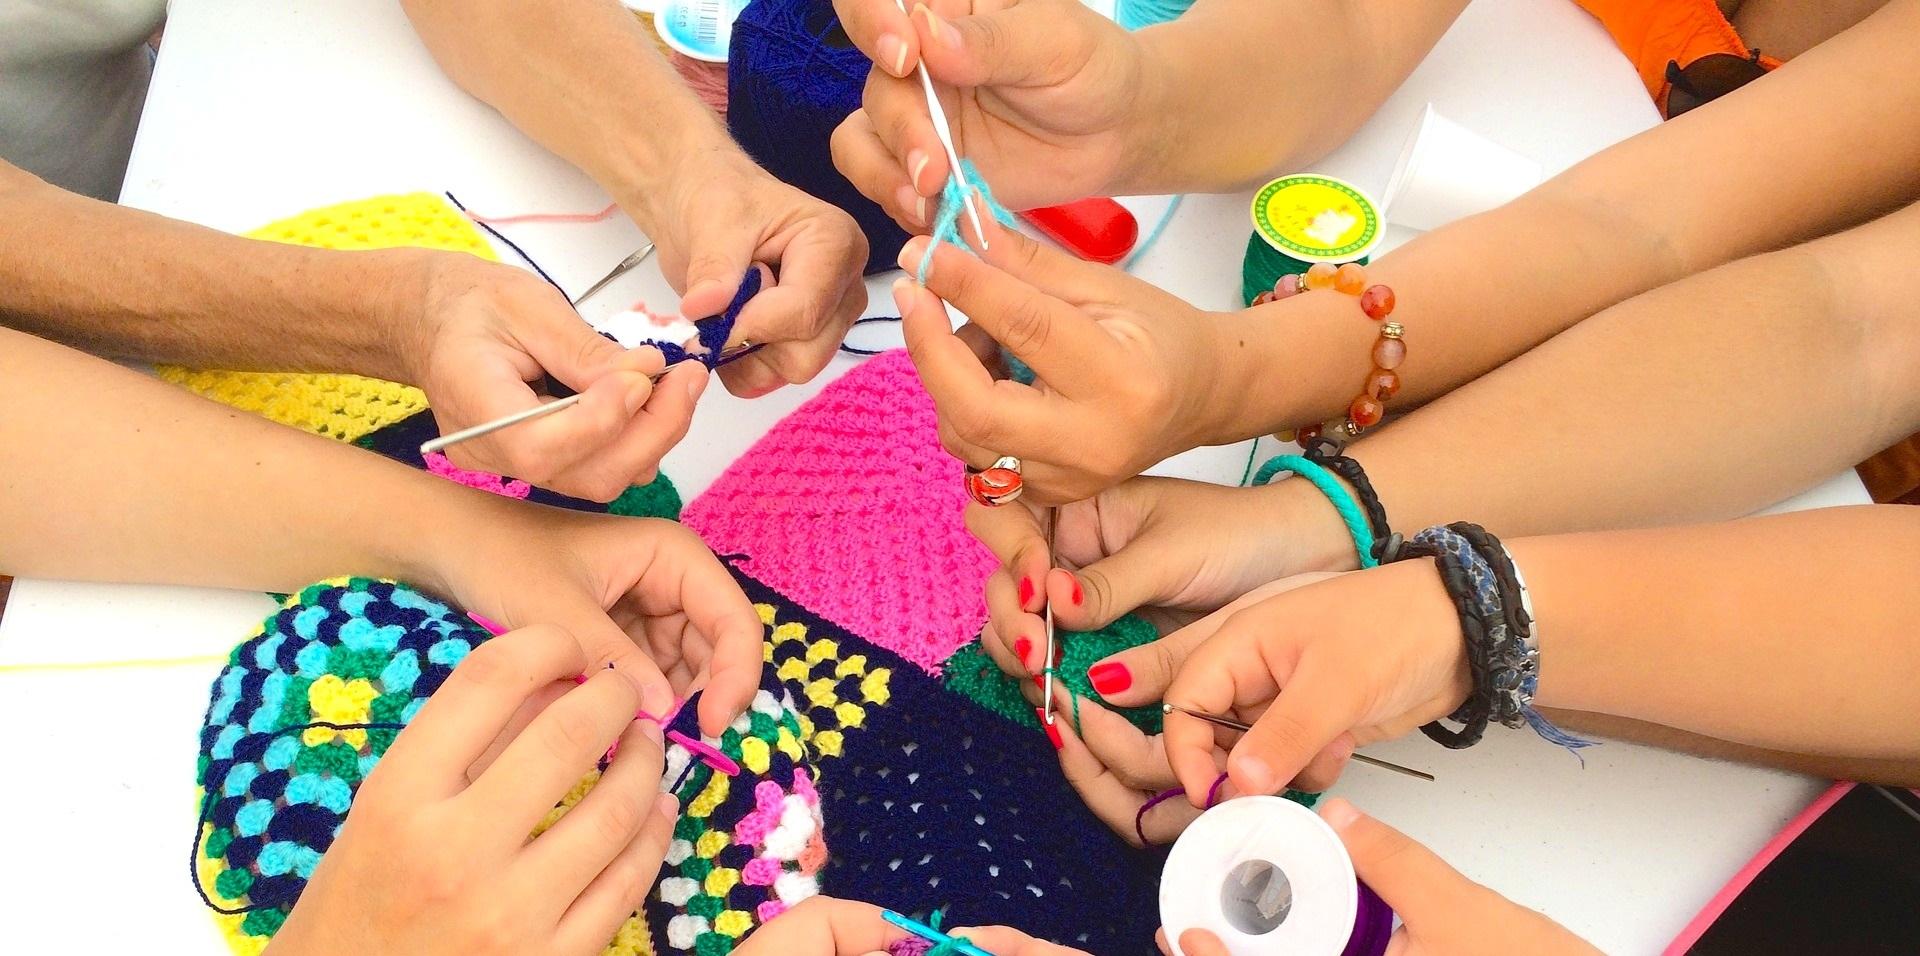 needlework hands